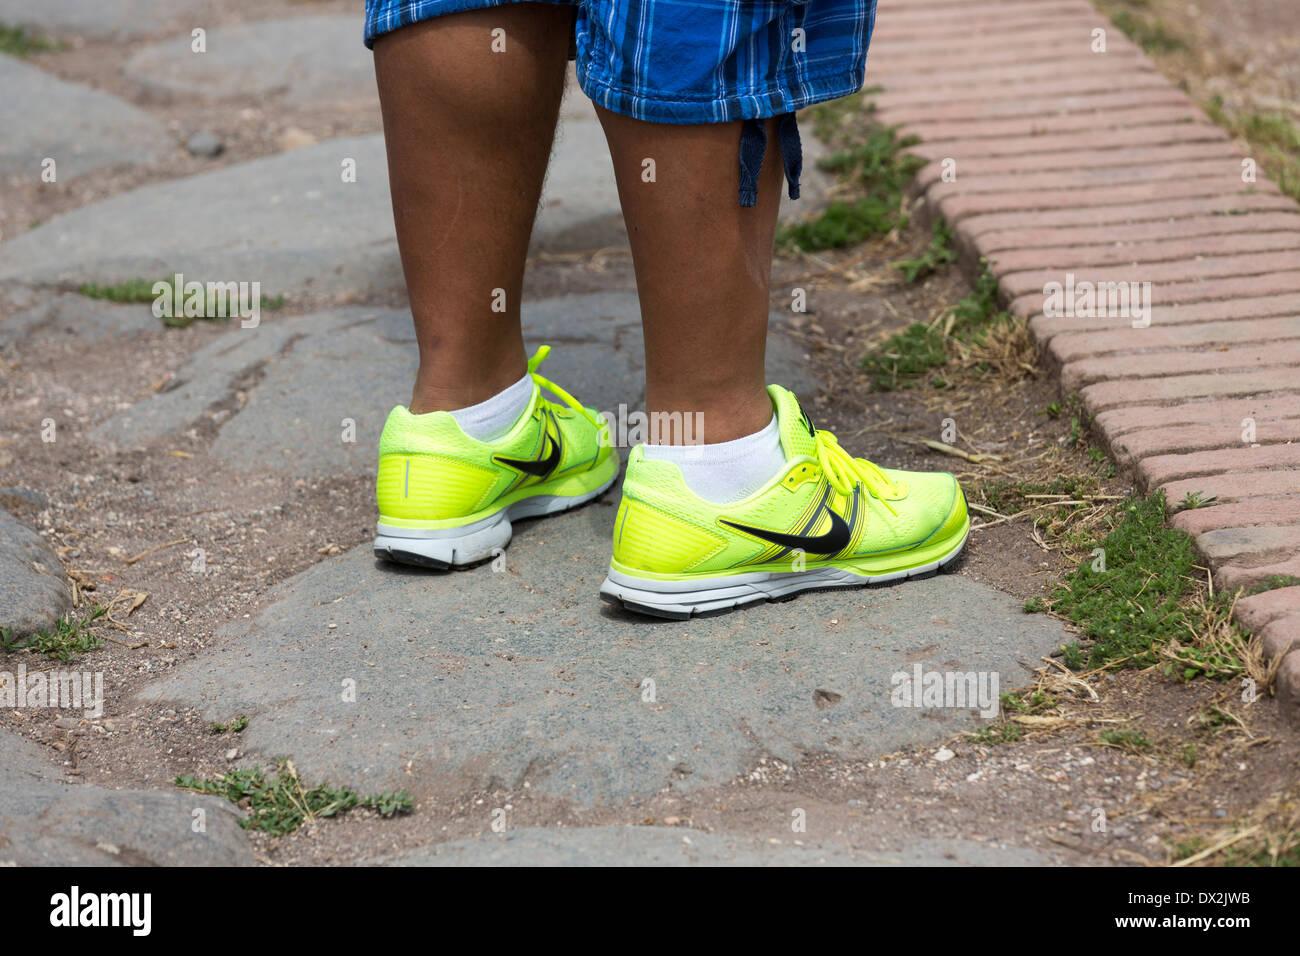 fluoreszierenden Nike tragen SchuheForum jungen Romanum 135TKulFcJ